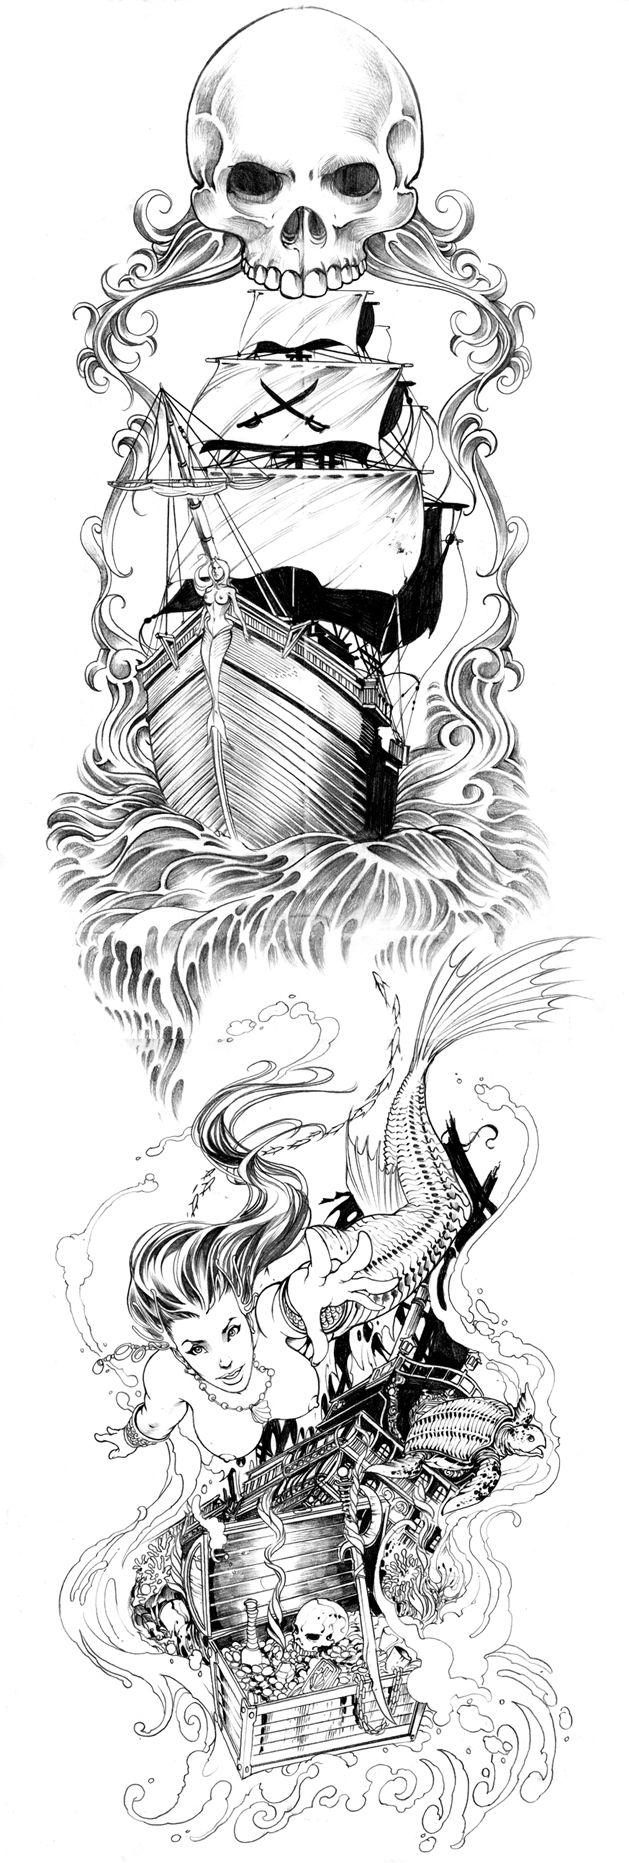 Amazing detail in 'lil mermaid' by ~harveytsketchbook on deviantART